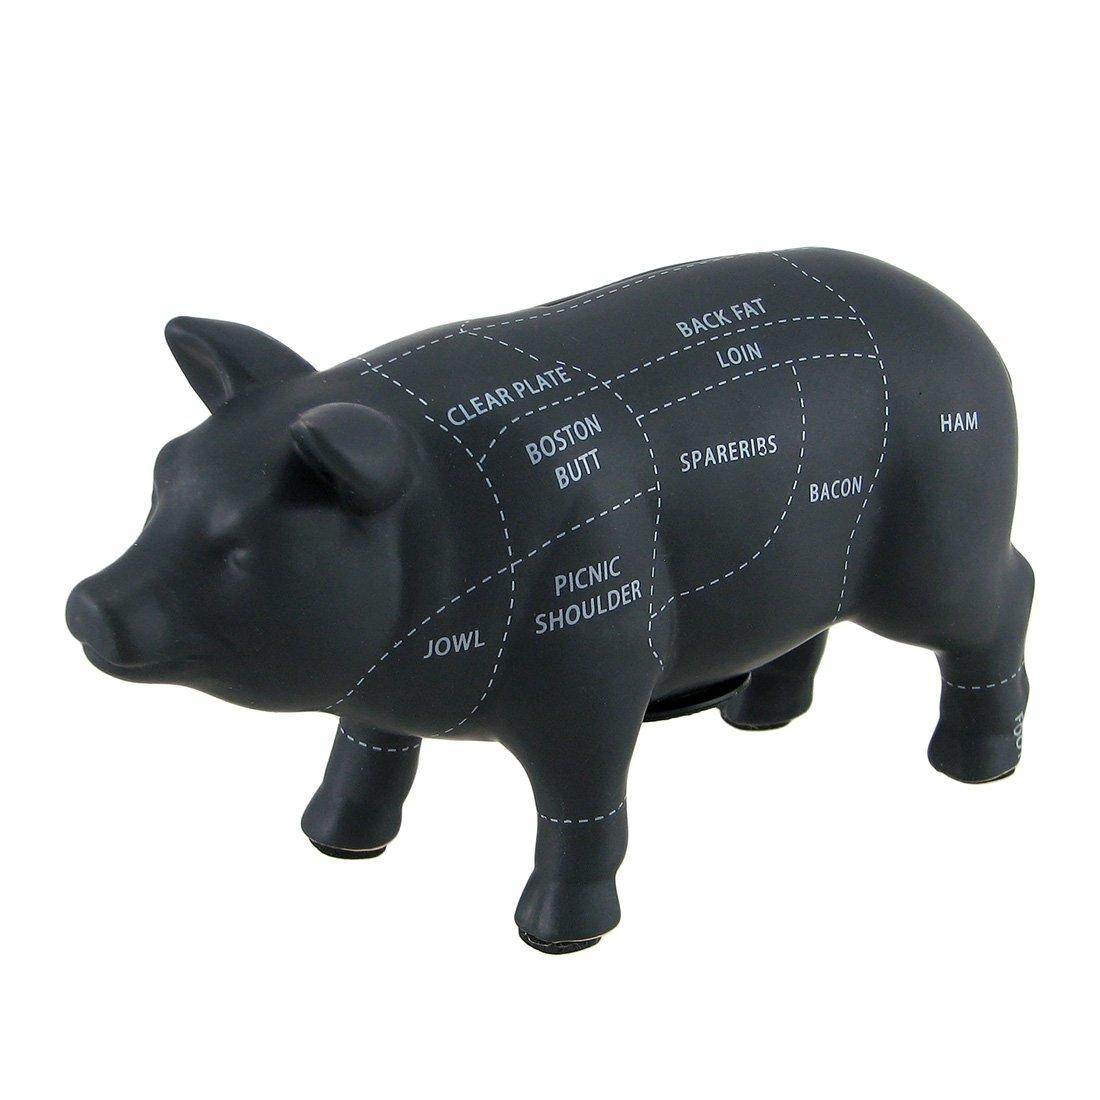 ブラックセラミックPig Shaped Coin Bank Butcher 4 1 / 2インチチャートPiggy Bank by Zeckos   B015NETEKE